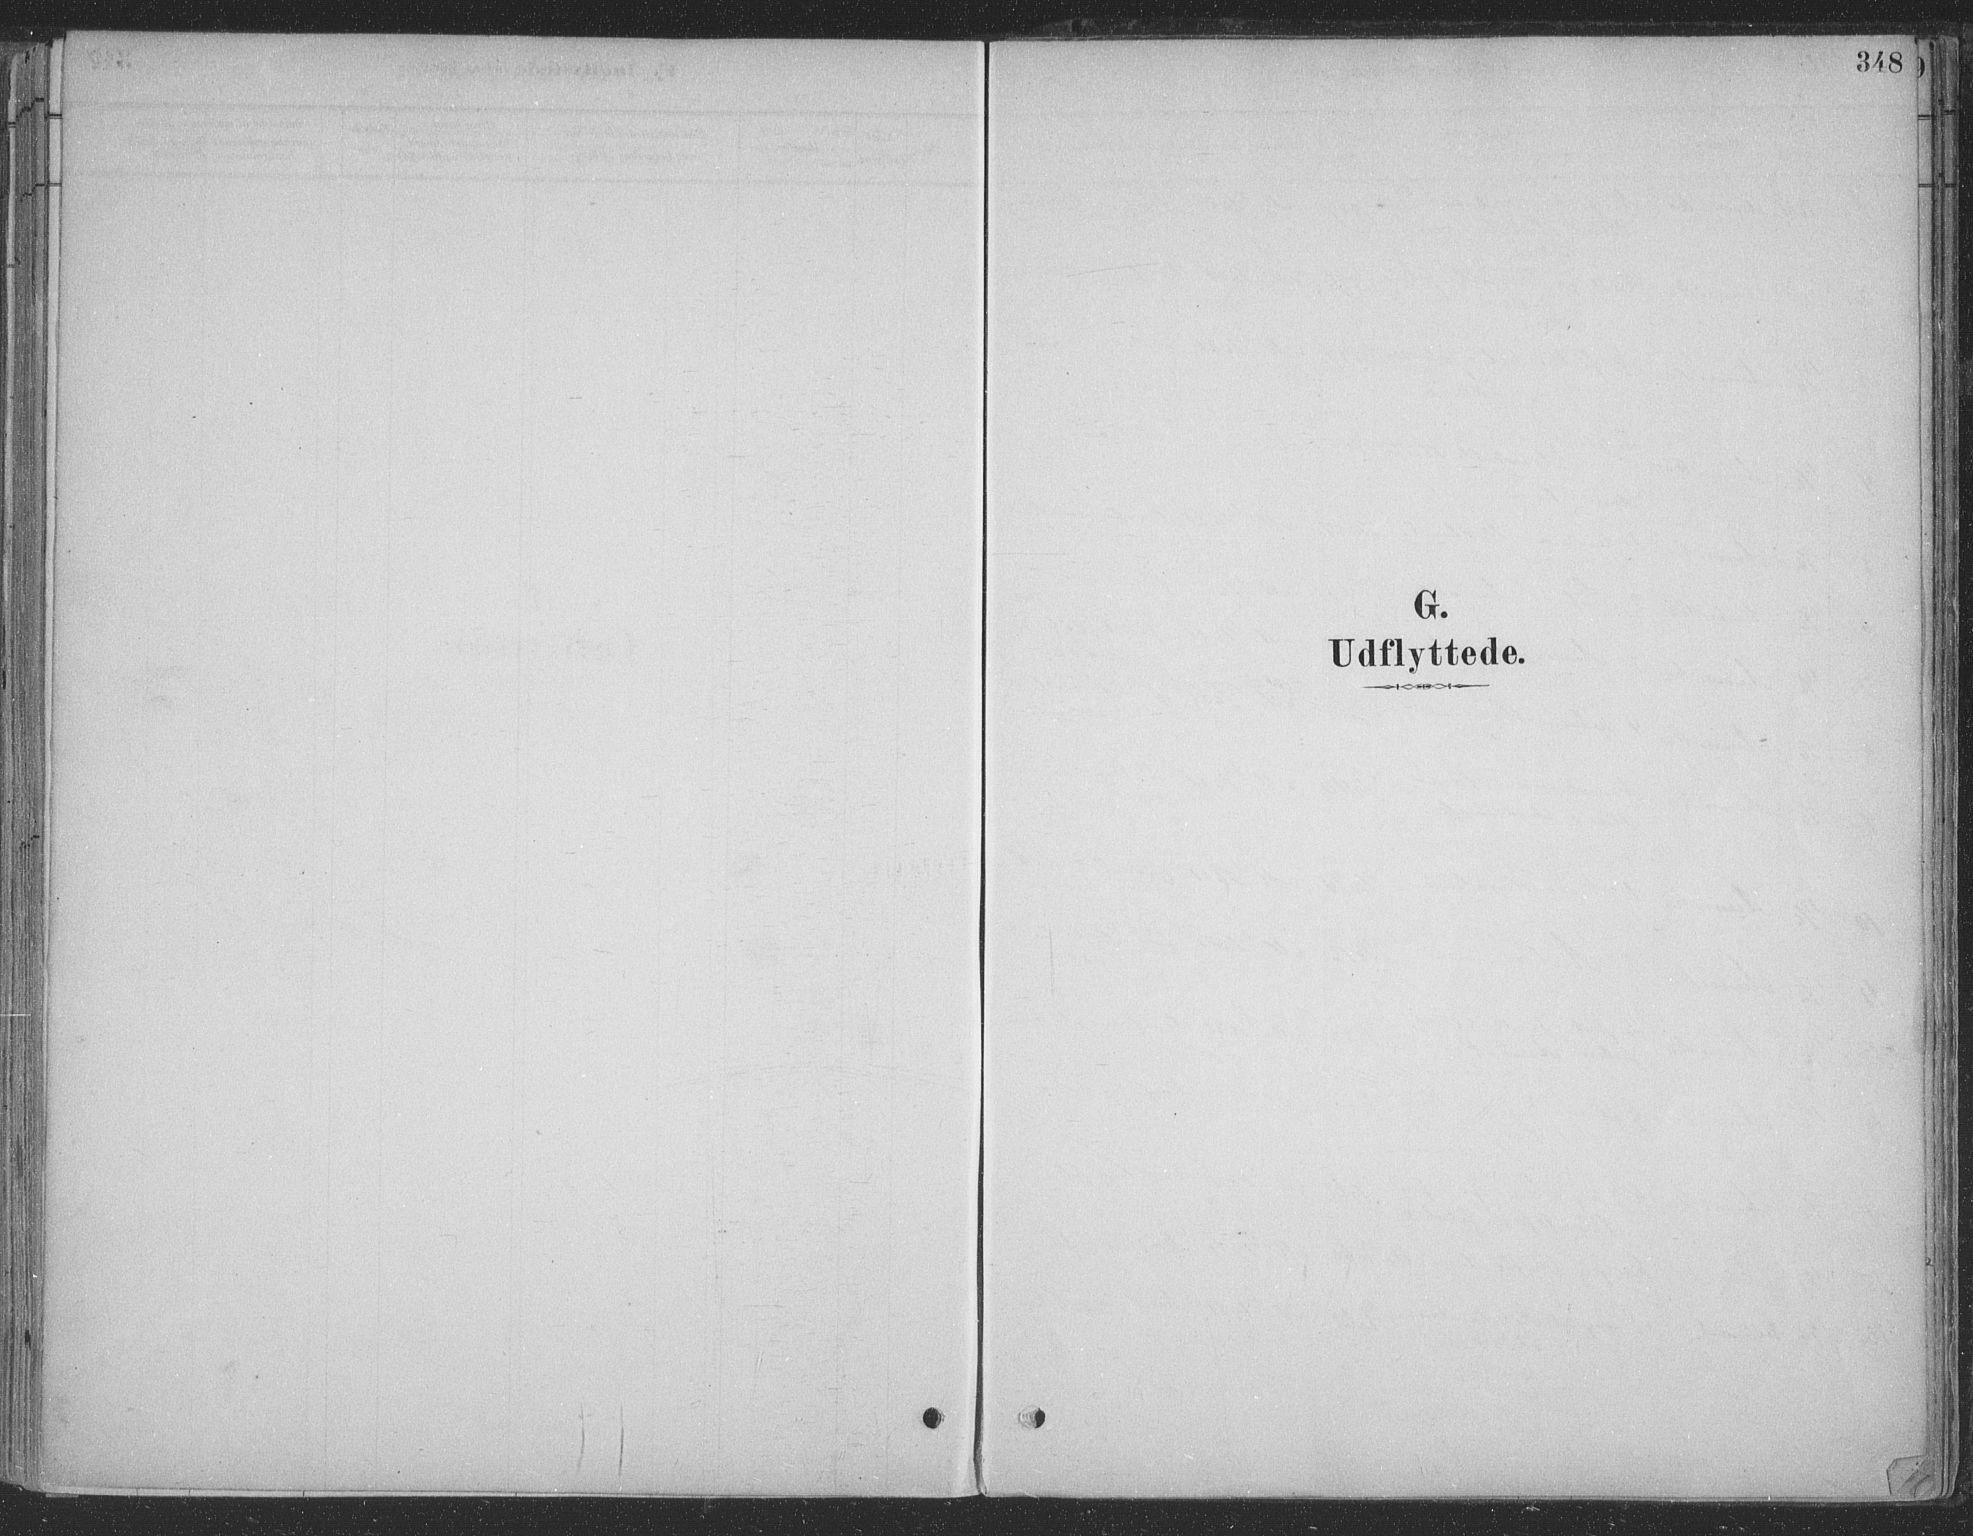 SATØ, Vadsø sokneprestkontor, H/Ha/L0009kirke: Ministerialbok nr. 9, 1881-1917, s. 348